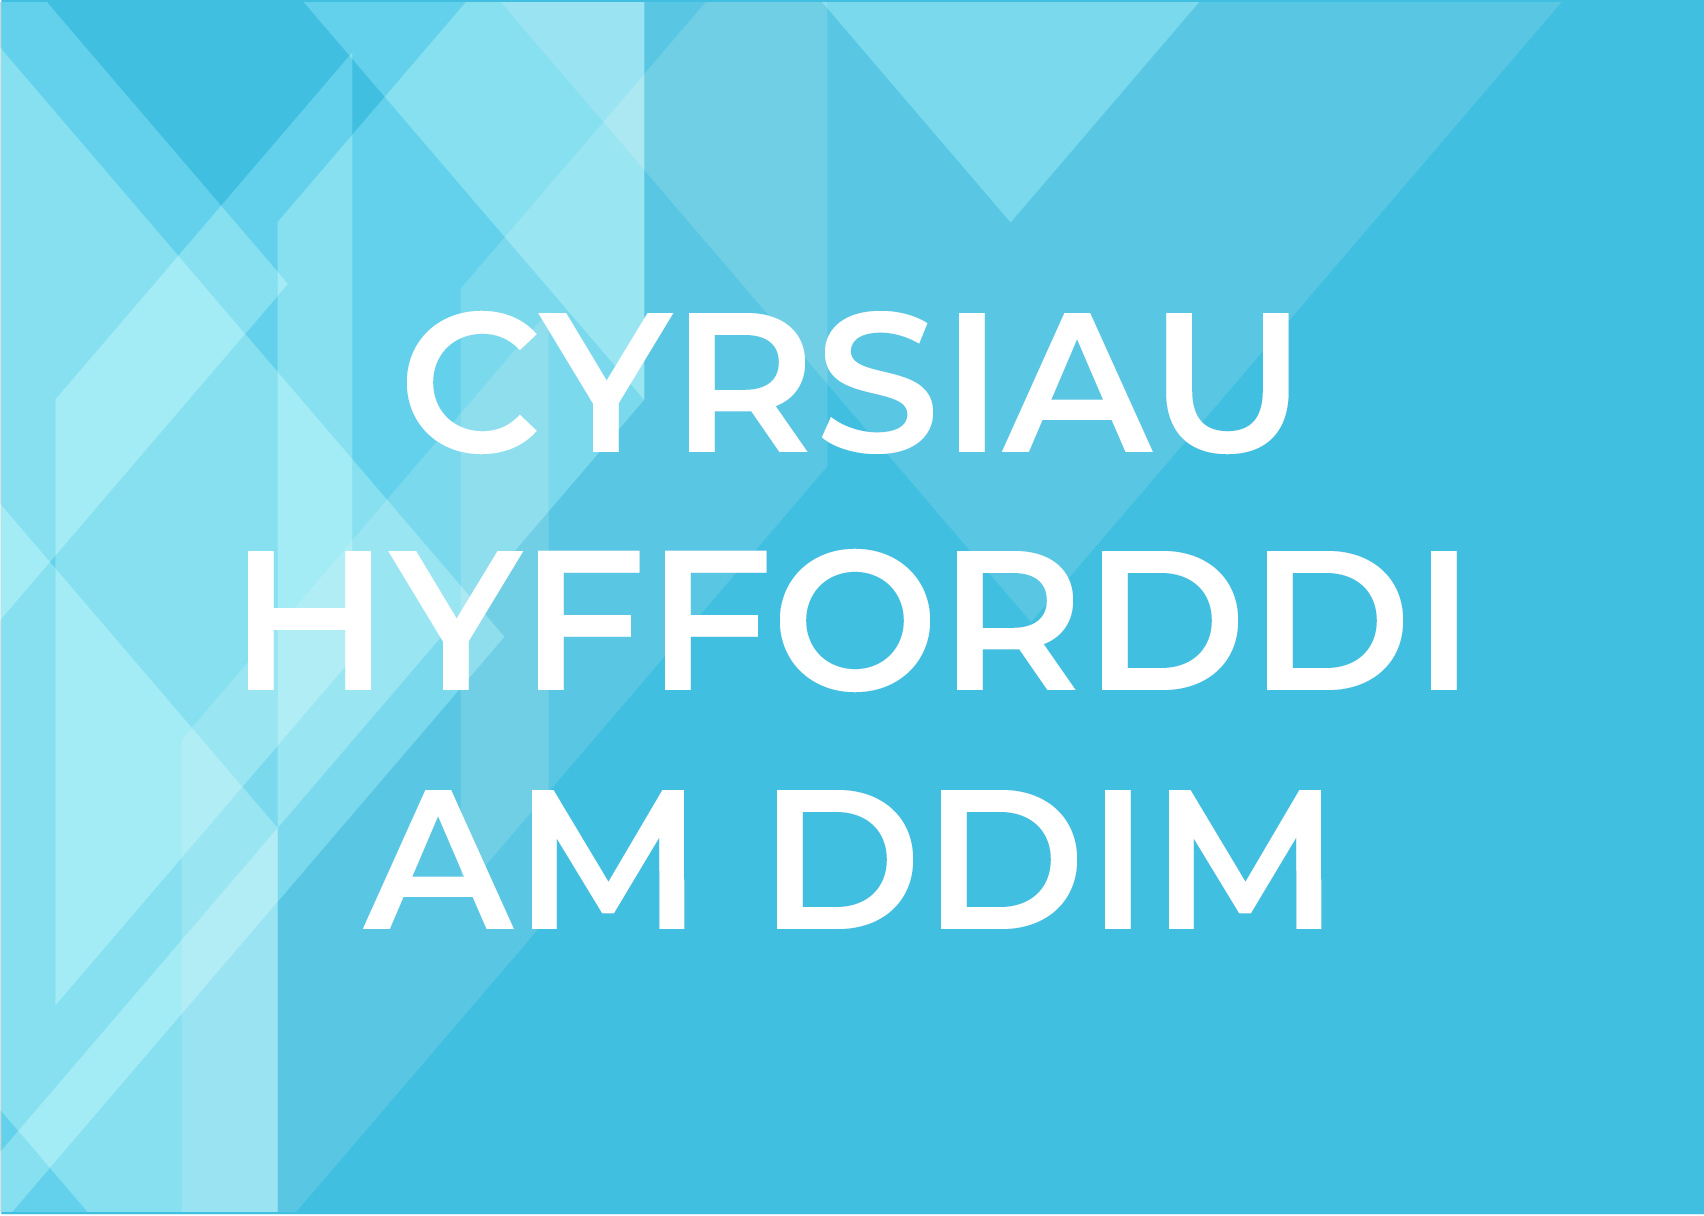 Cyrsiau Hyfforddi Am Ddim